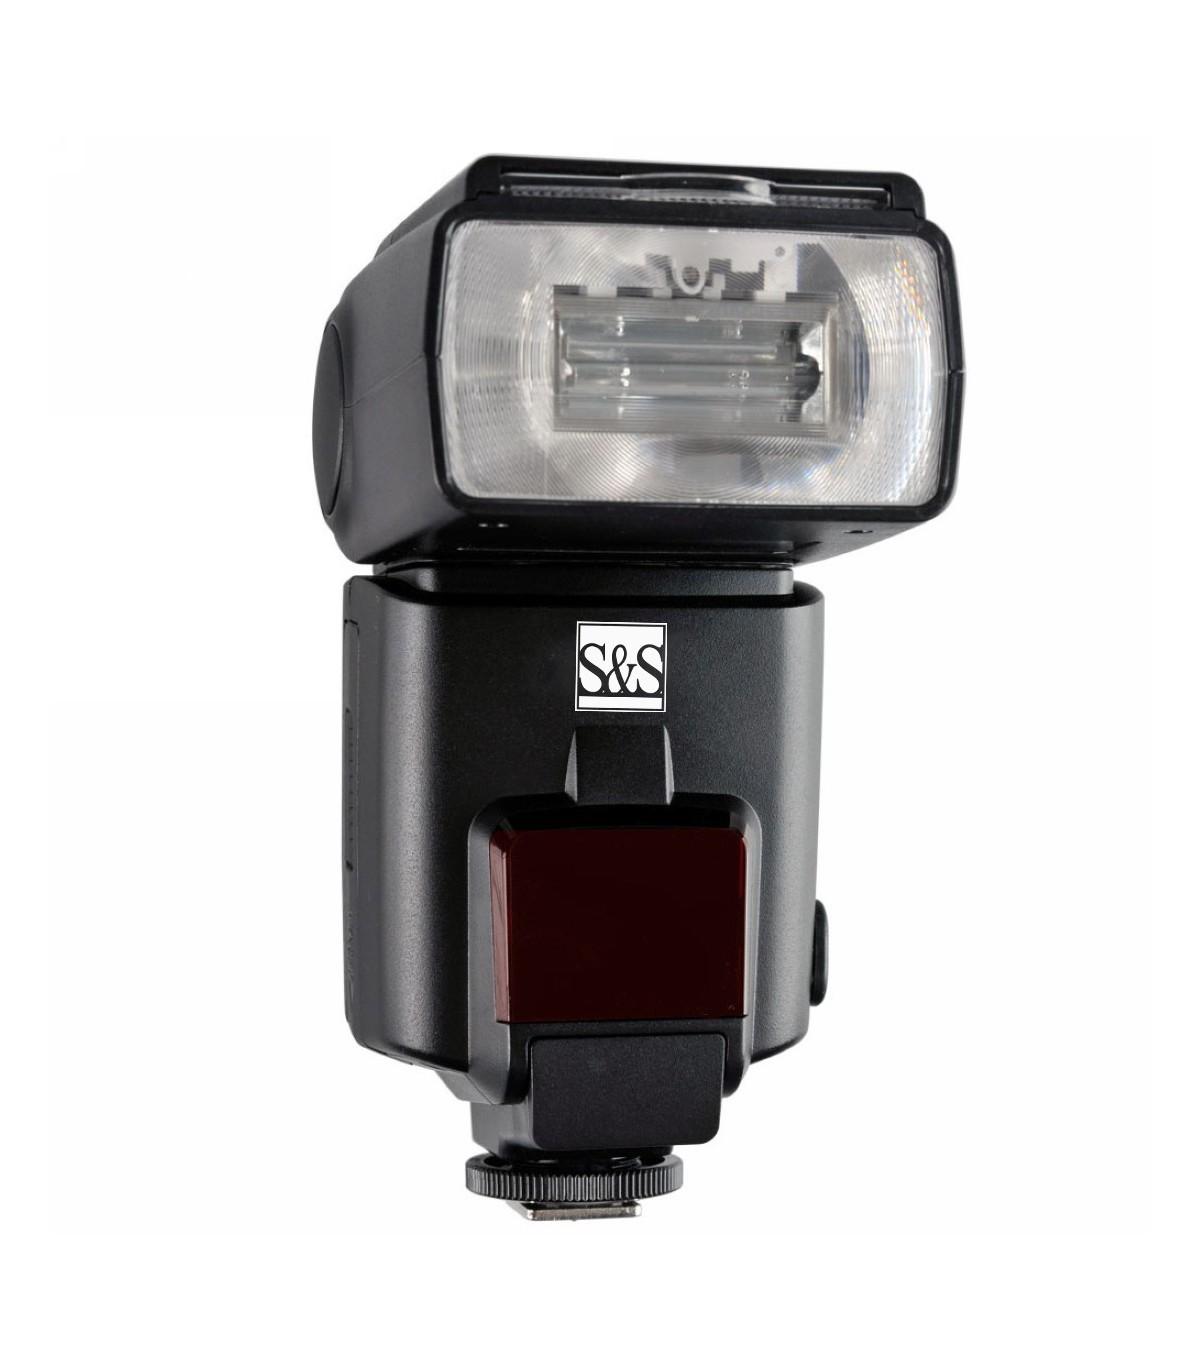 قیمت و خرید فلاش اس اند اس S&S TT660 TTL Flash